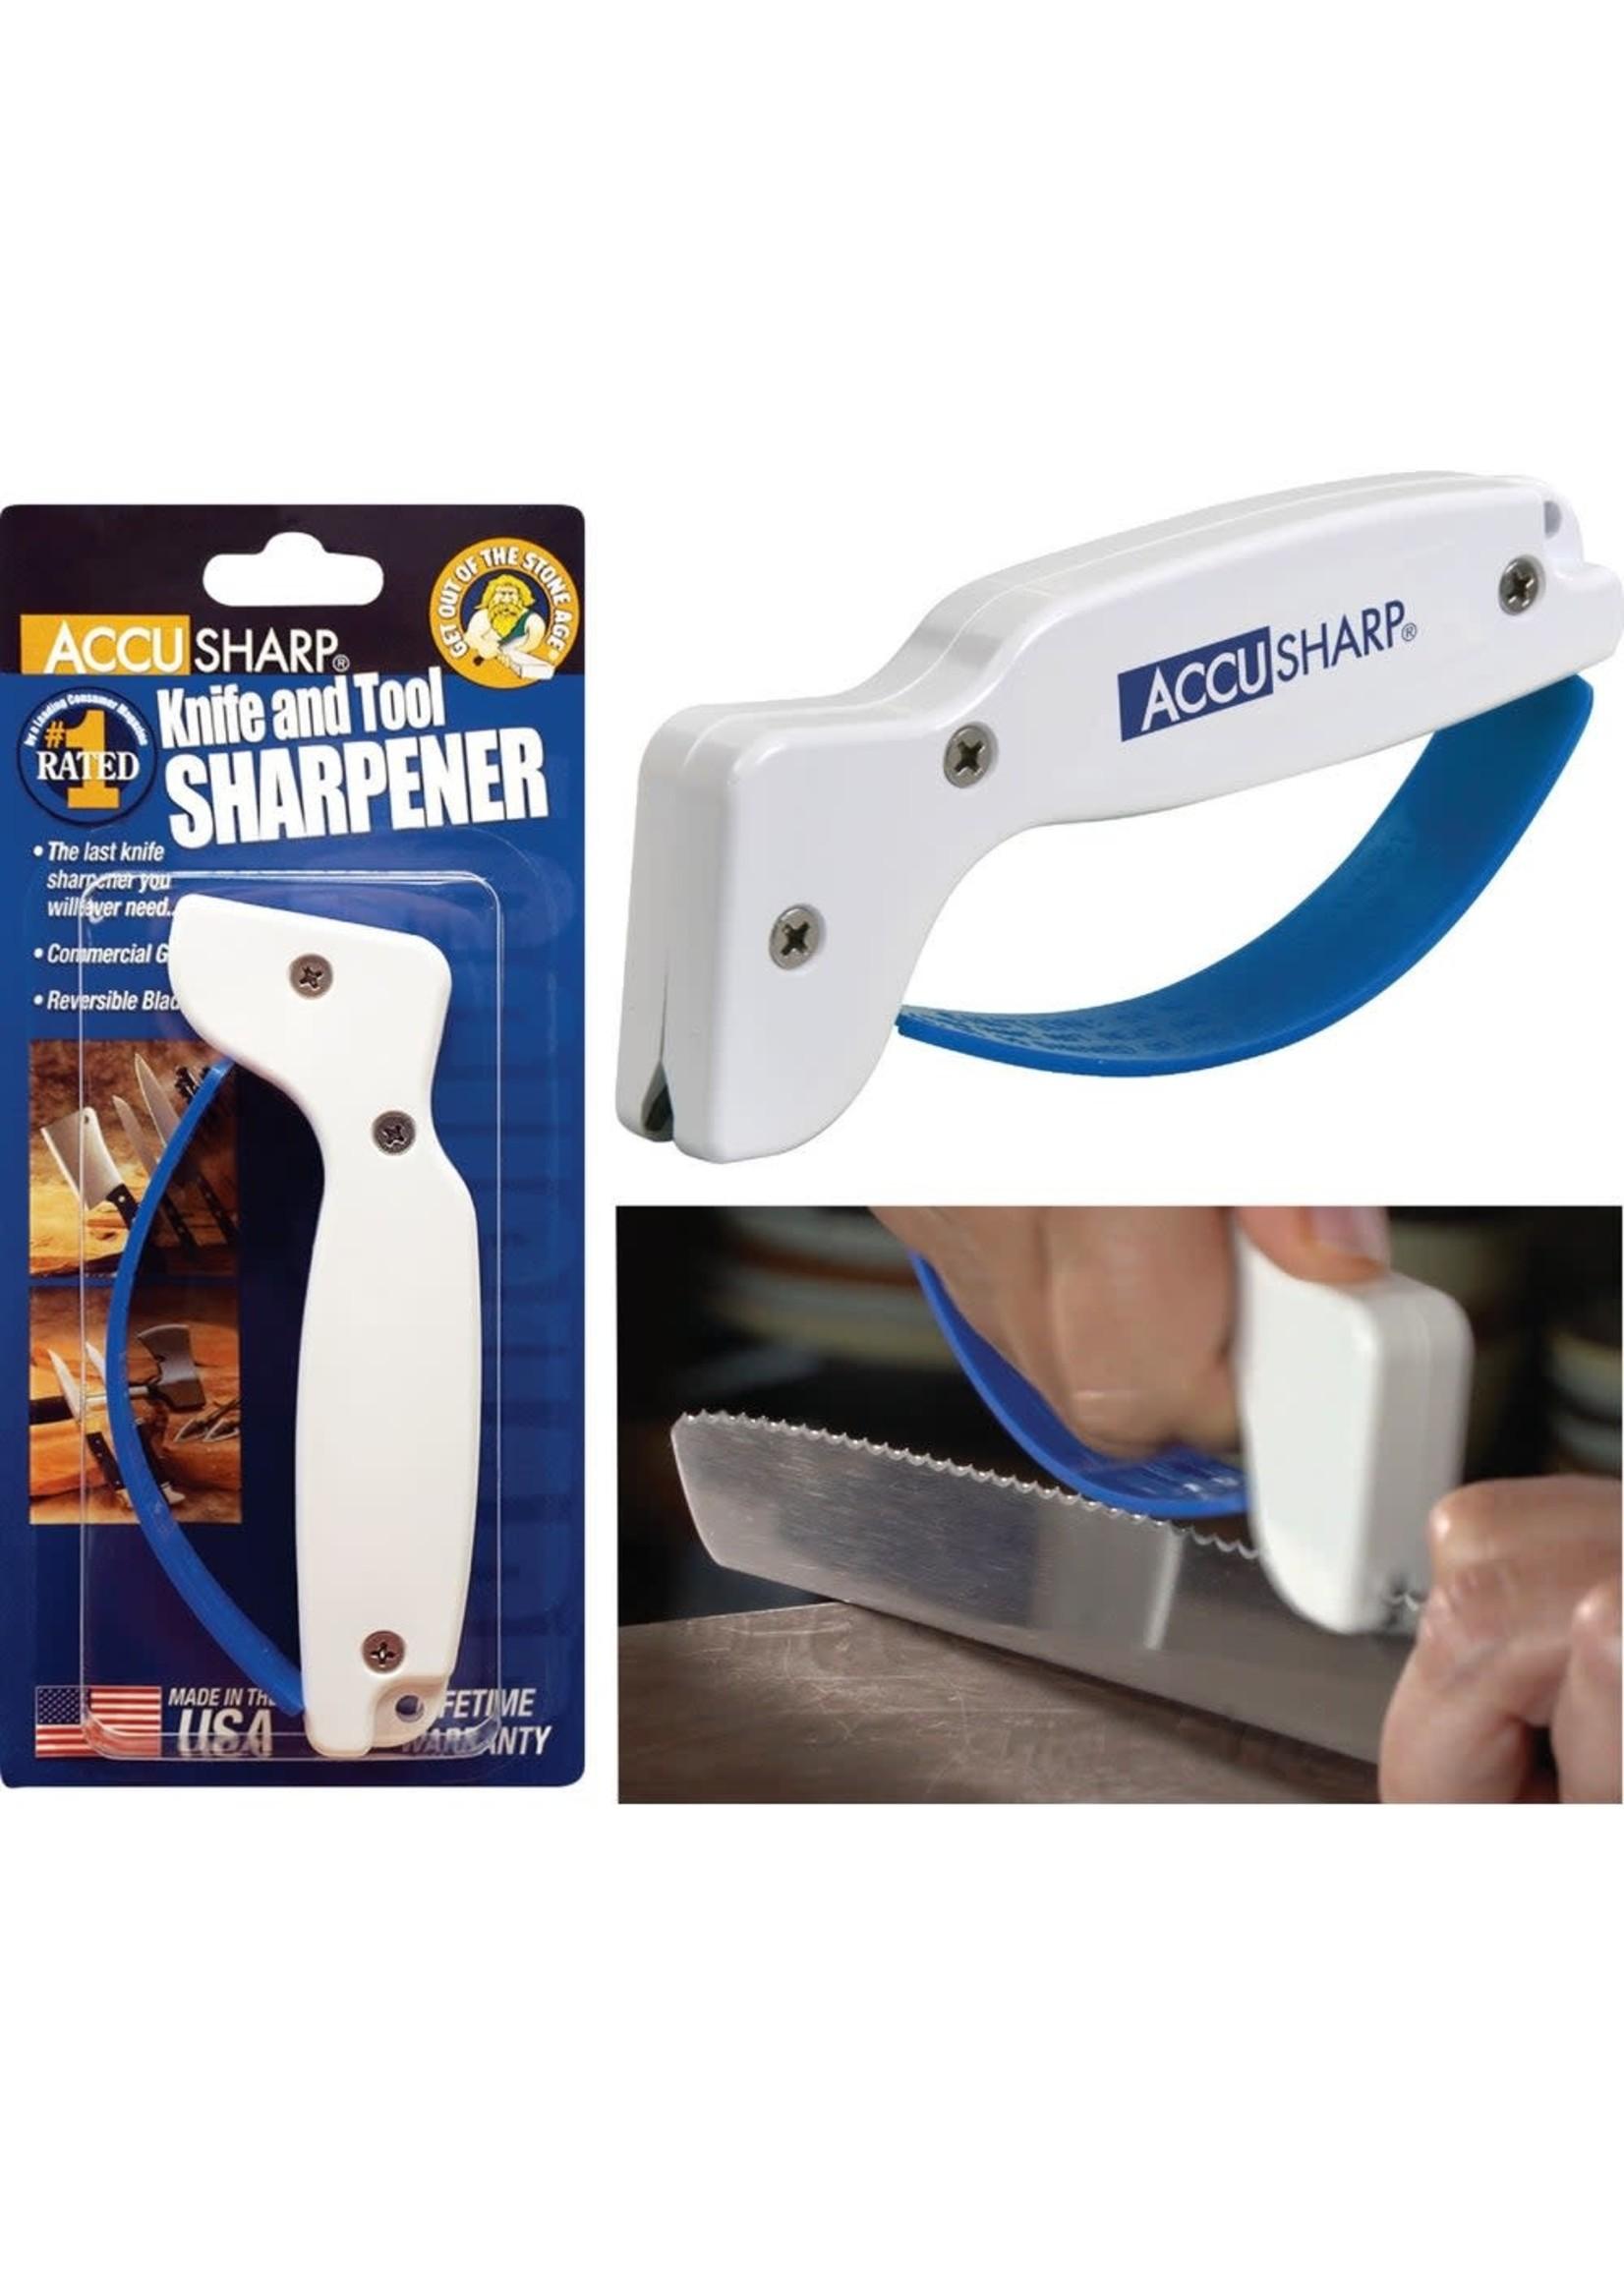 AccuSharp ACCUSHARP Knife Sharpener 001C